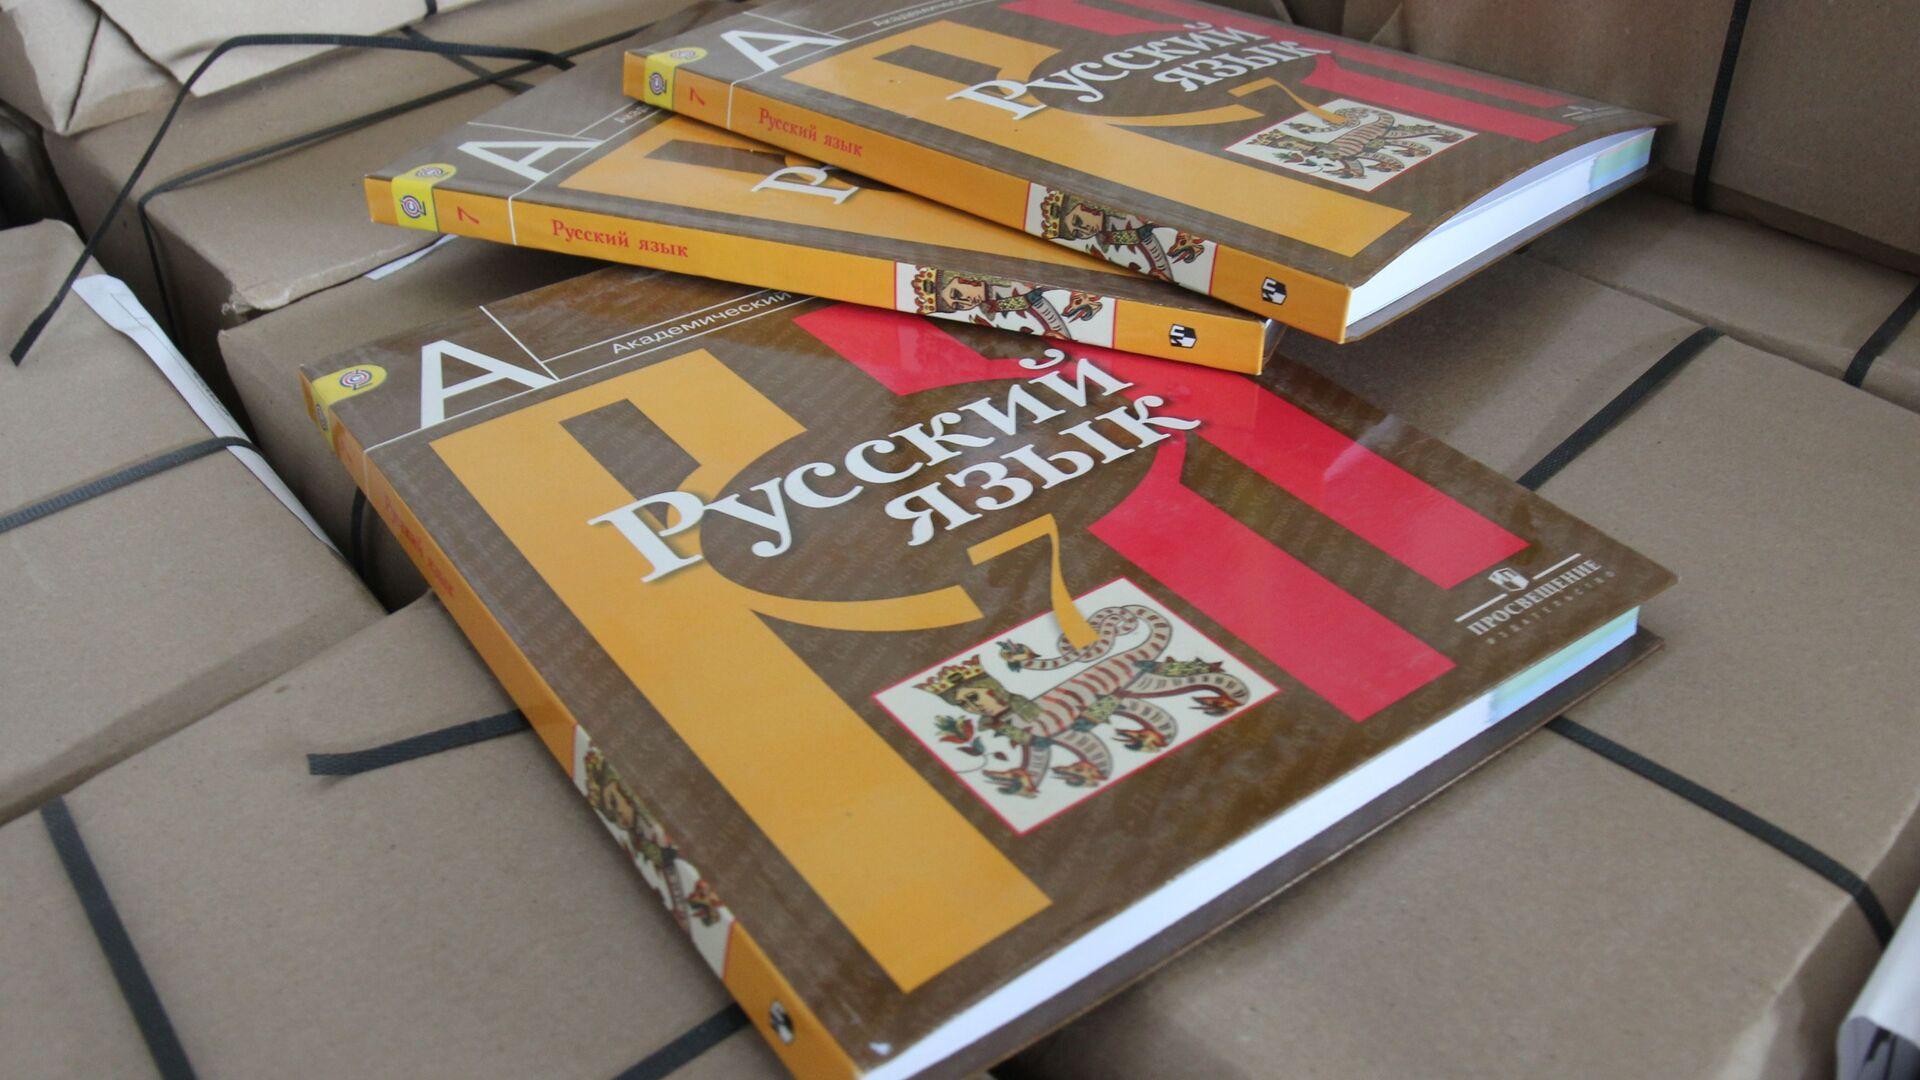 Российские учебники по русскому языку - Sputnik Грузия, 1920, 24.09.2021